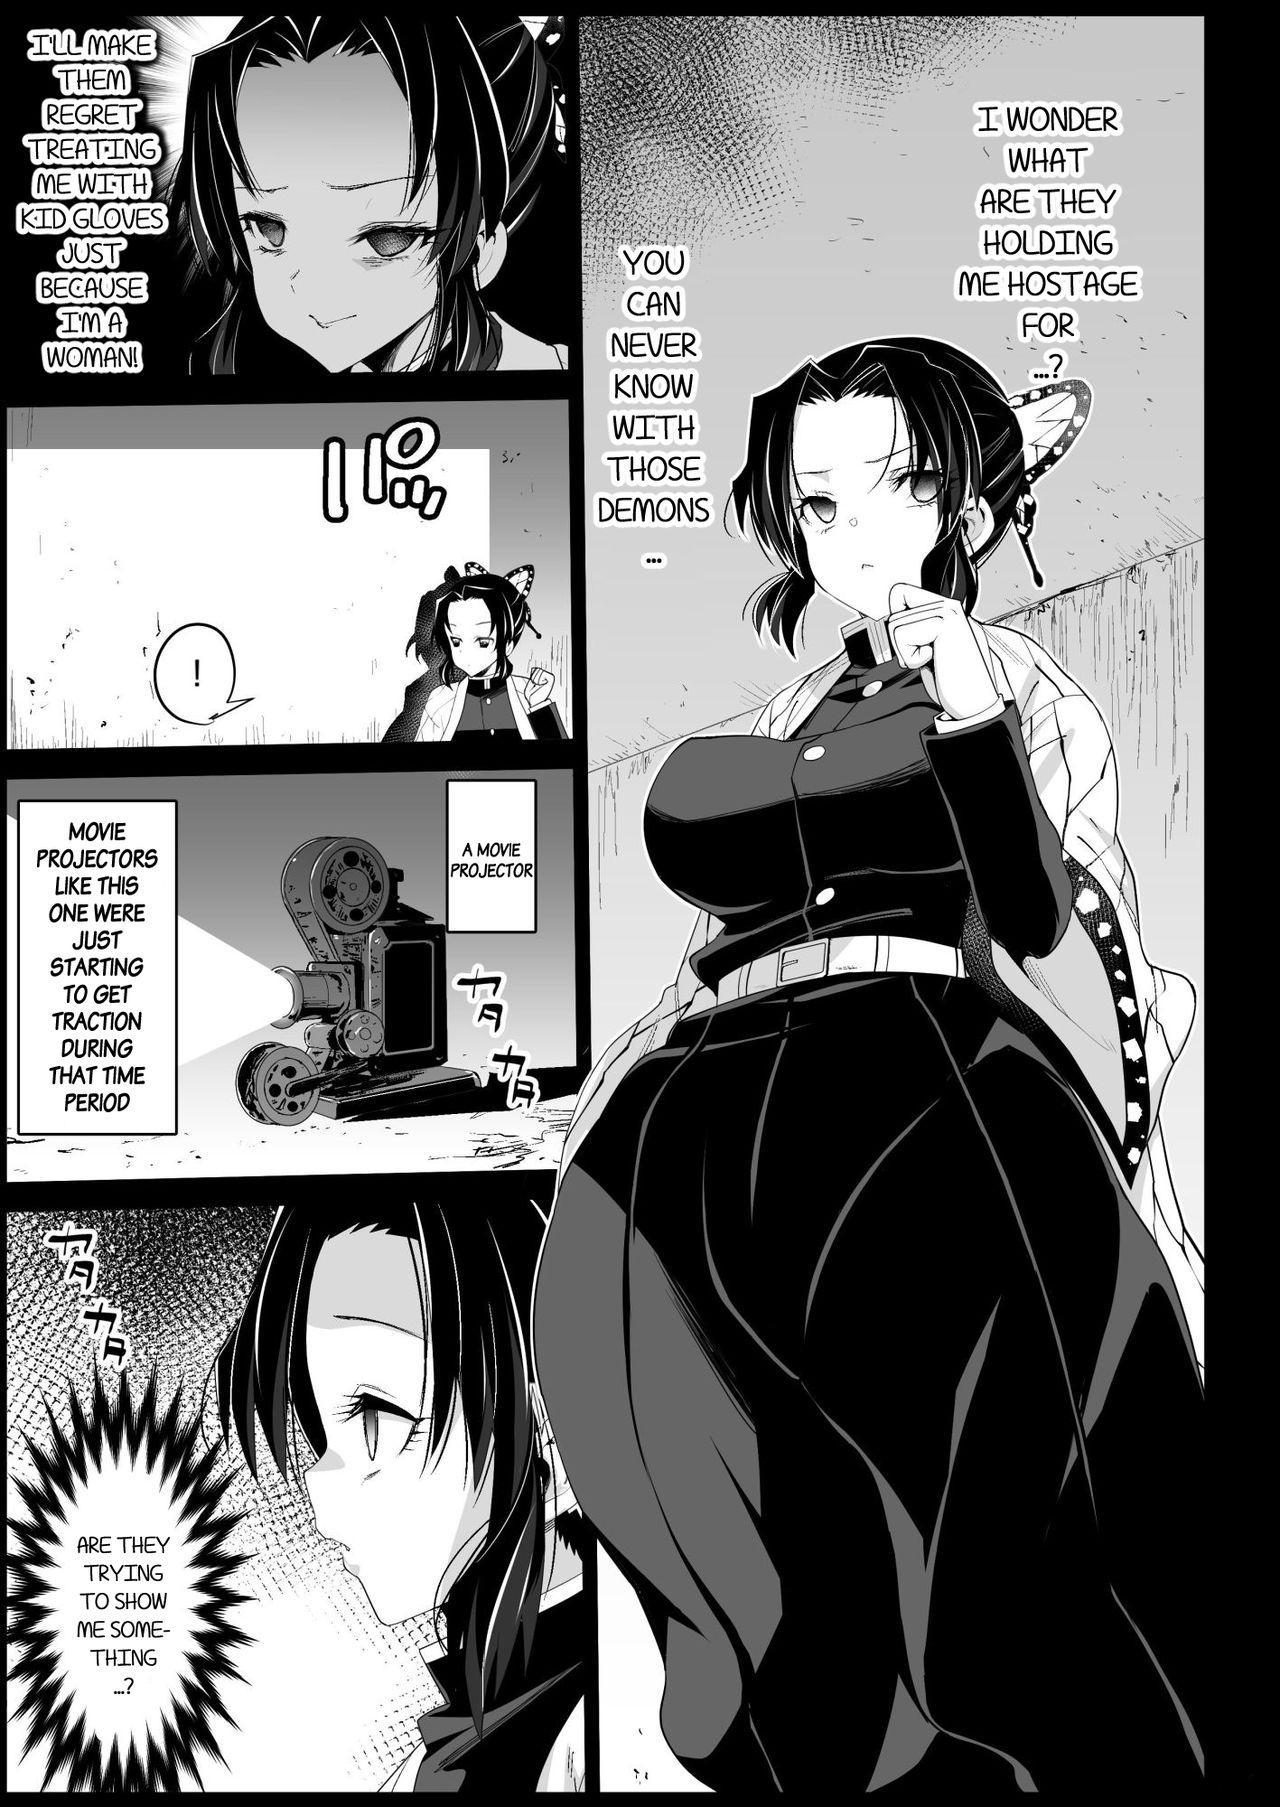 [Eromazun (Ma-kurou)] Kochou Shinobu Kan ~Neteiru Aida ni Ossan Oni ni Okasareru~ - RAPE OF DEMON SLAYER 2 (Kimetsu no Yaiba) [English] [MegaFagget] 6